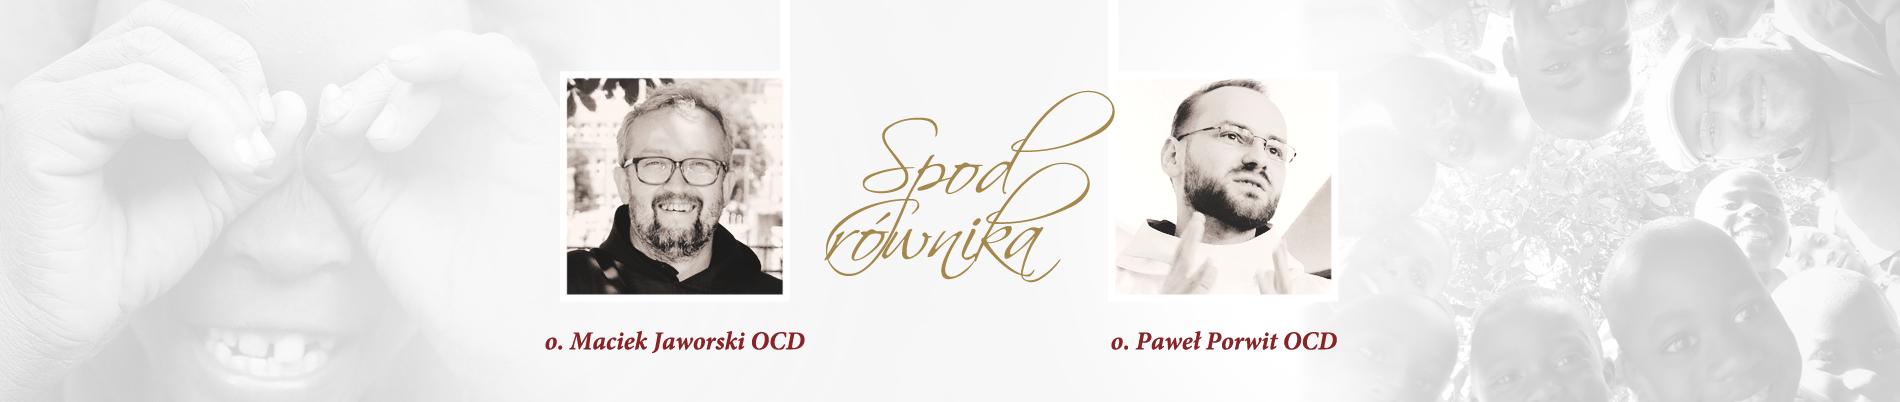 spod_rownika